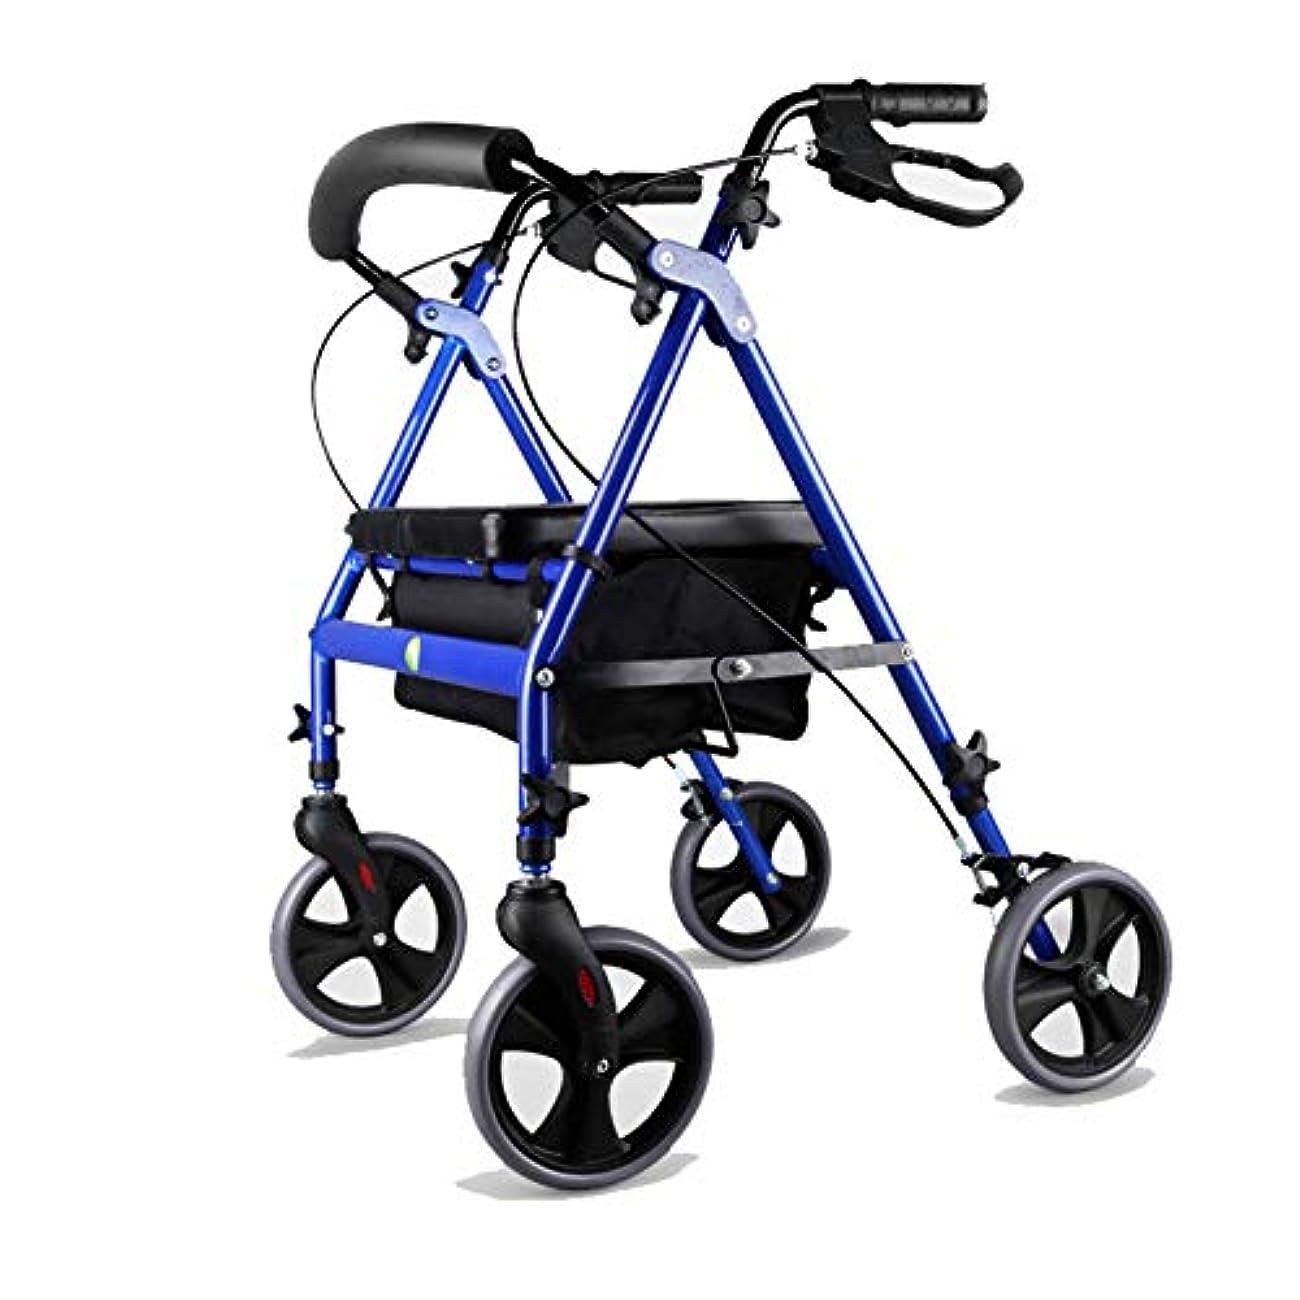 効能あるペルソナ守銭奴軽量折りたたみ式四輪ローラーウォーカー、パッド入りシート、ロック式ブレーキ、エルゴノミックハンドル、ユニセックス